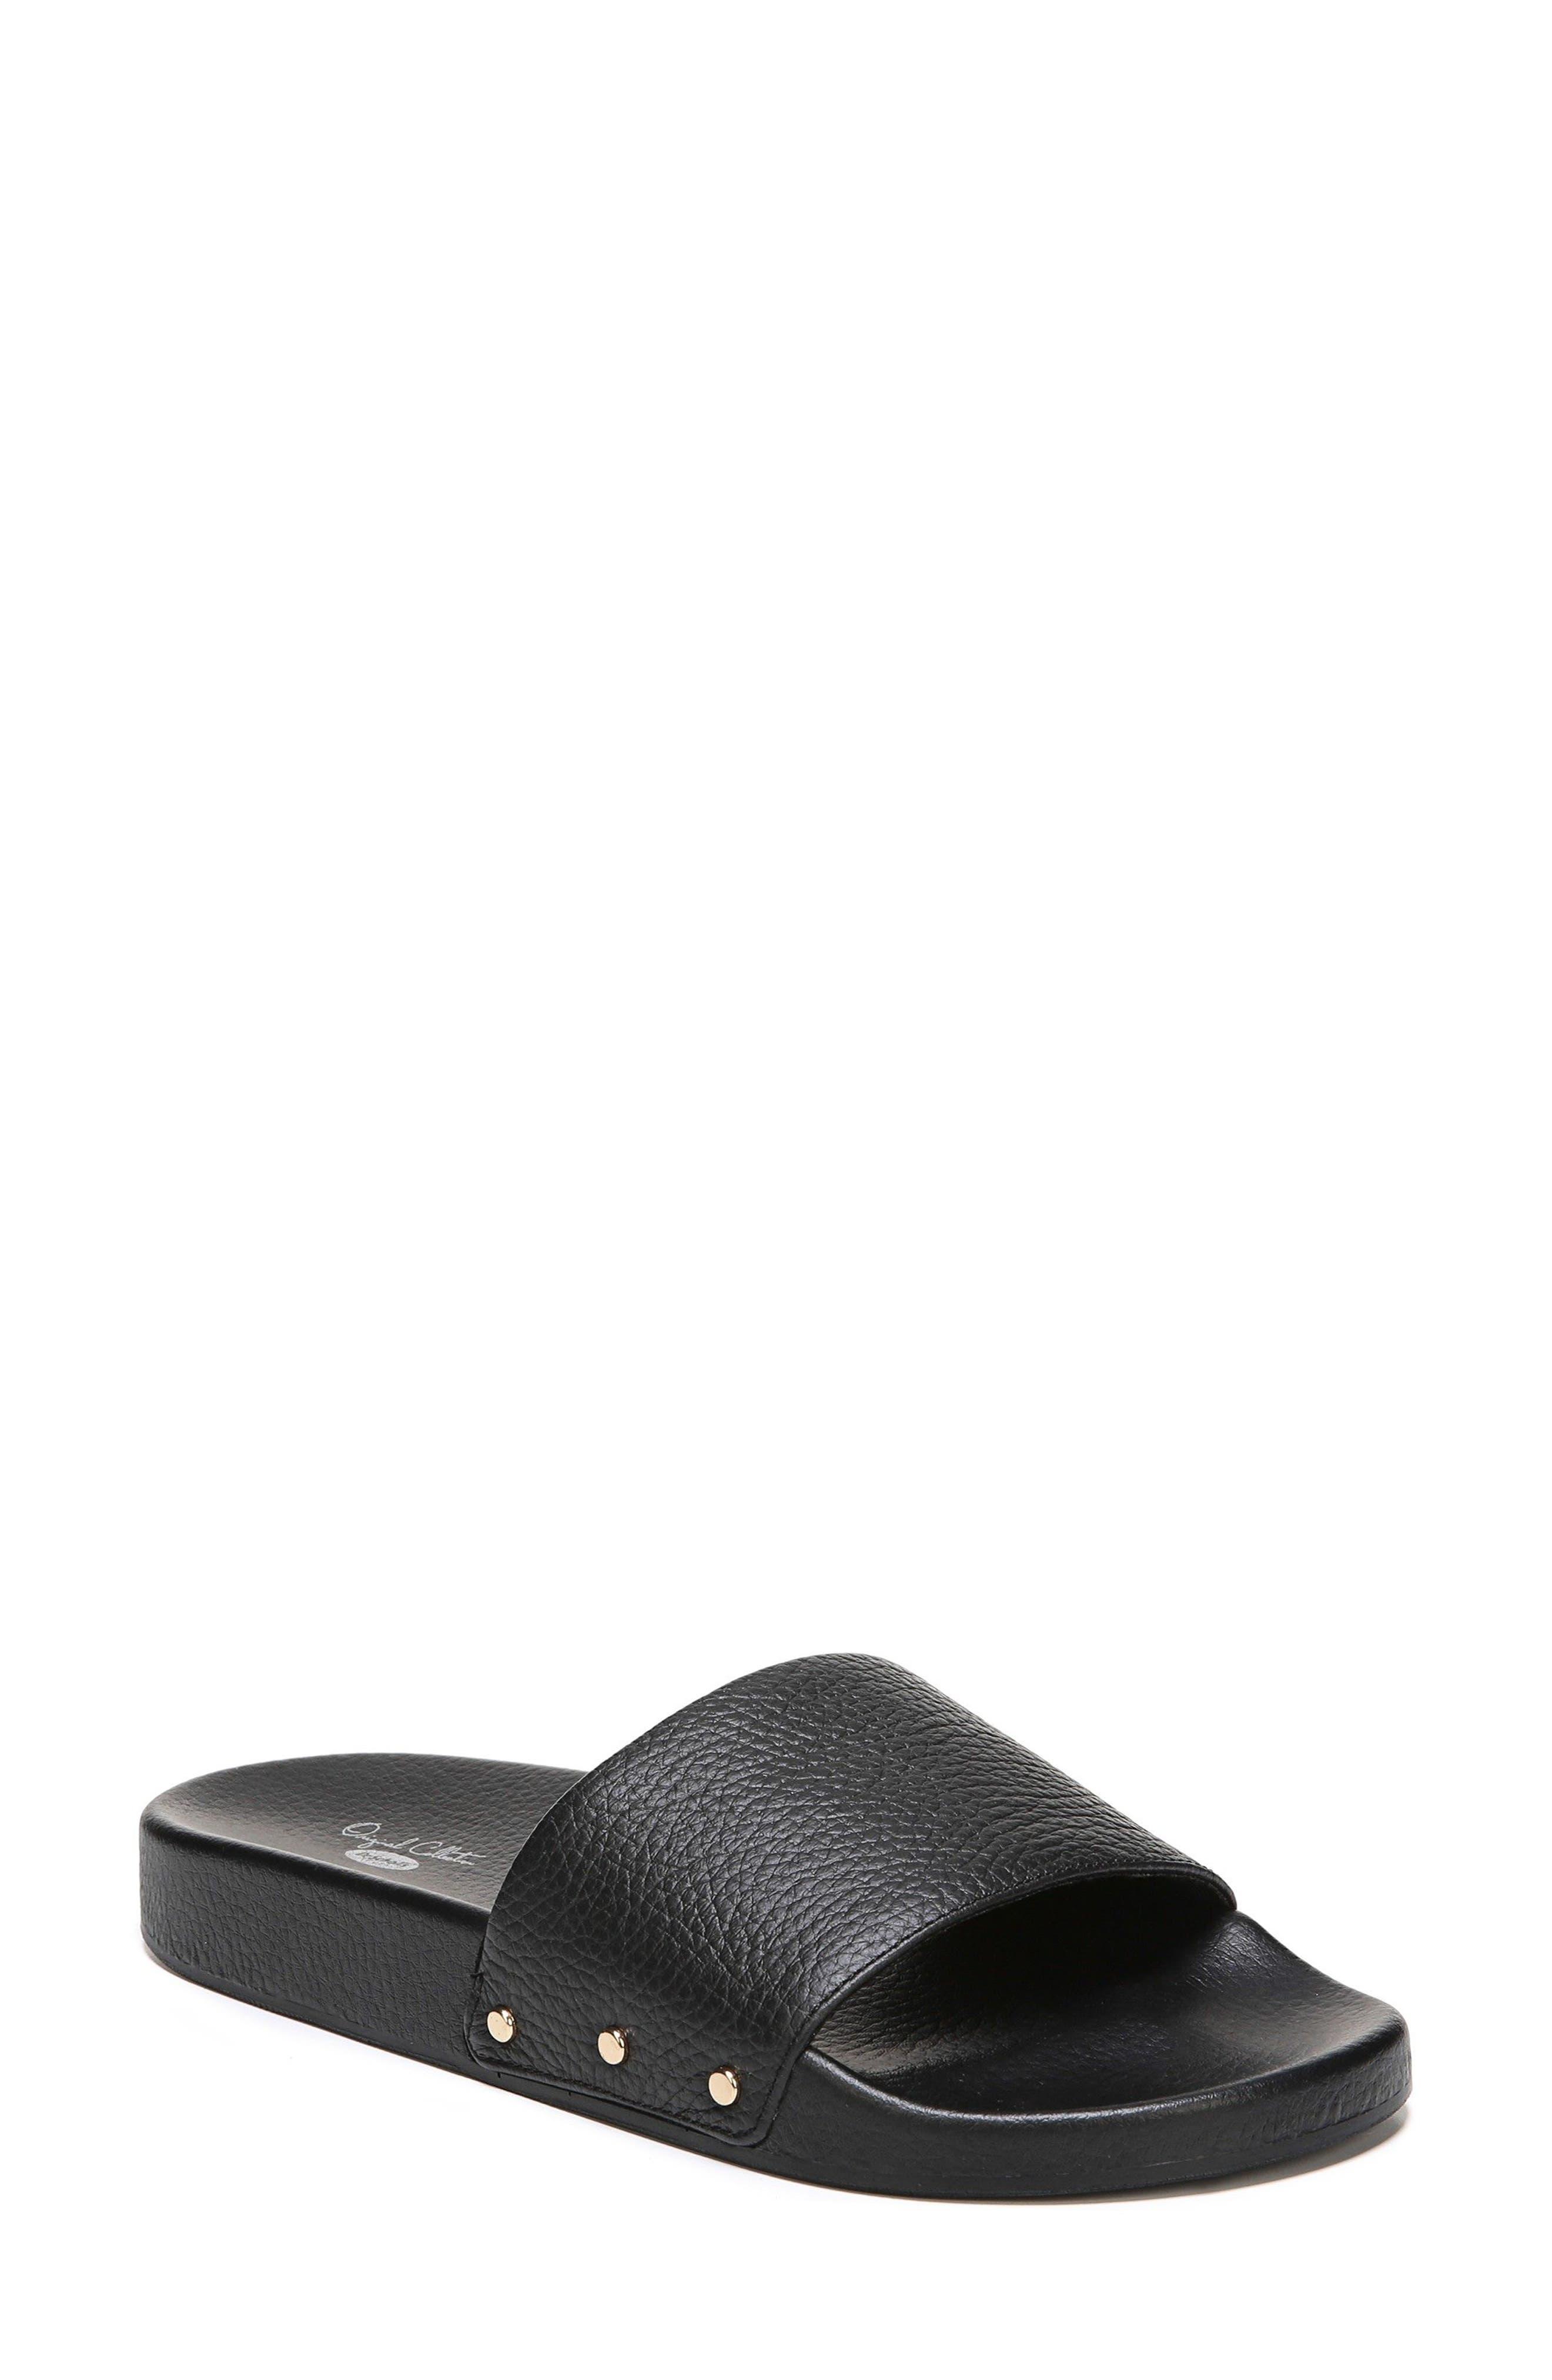 Pisces Slide Sandal,                             Main thumbnail 1, color,                             Black Leather